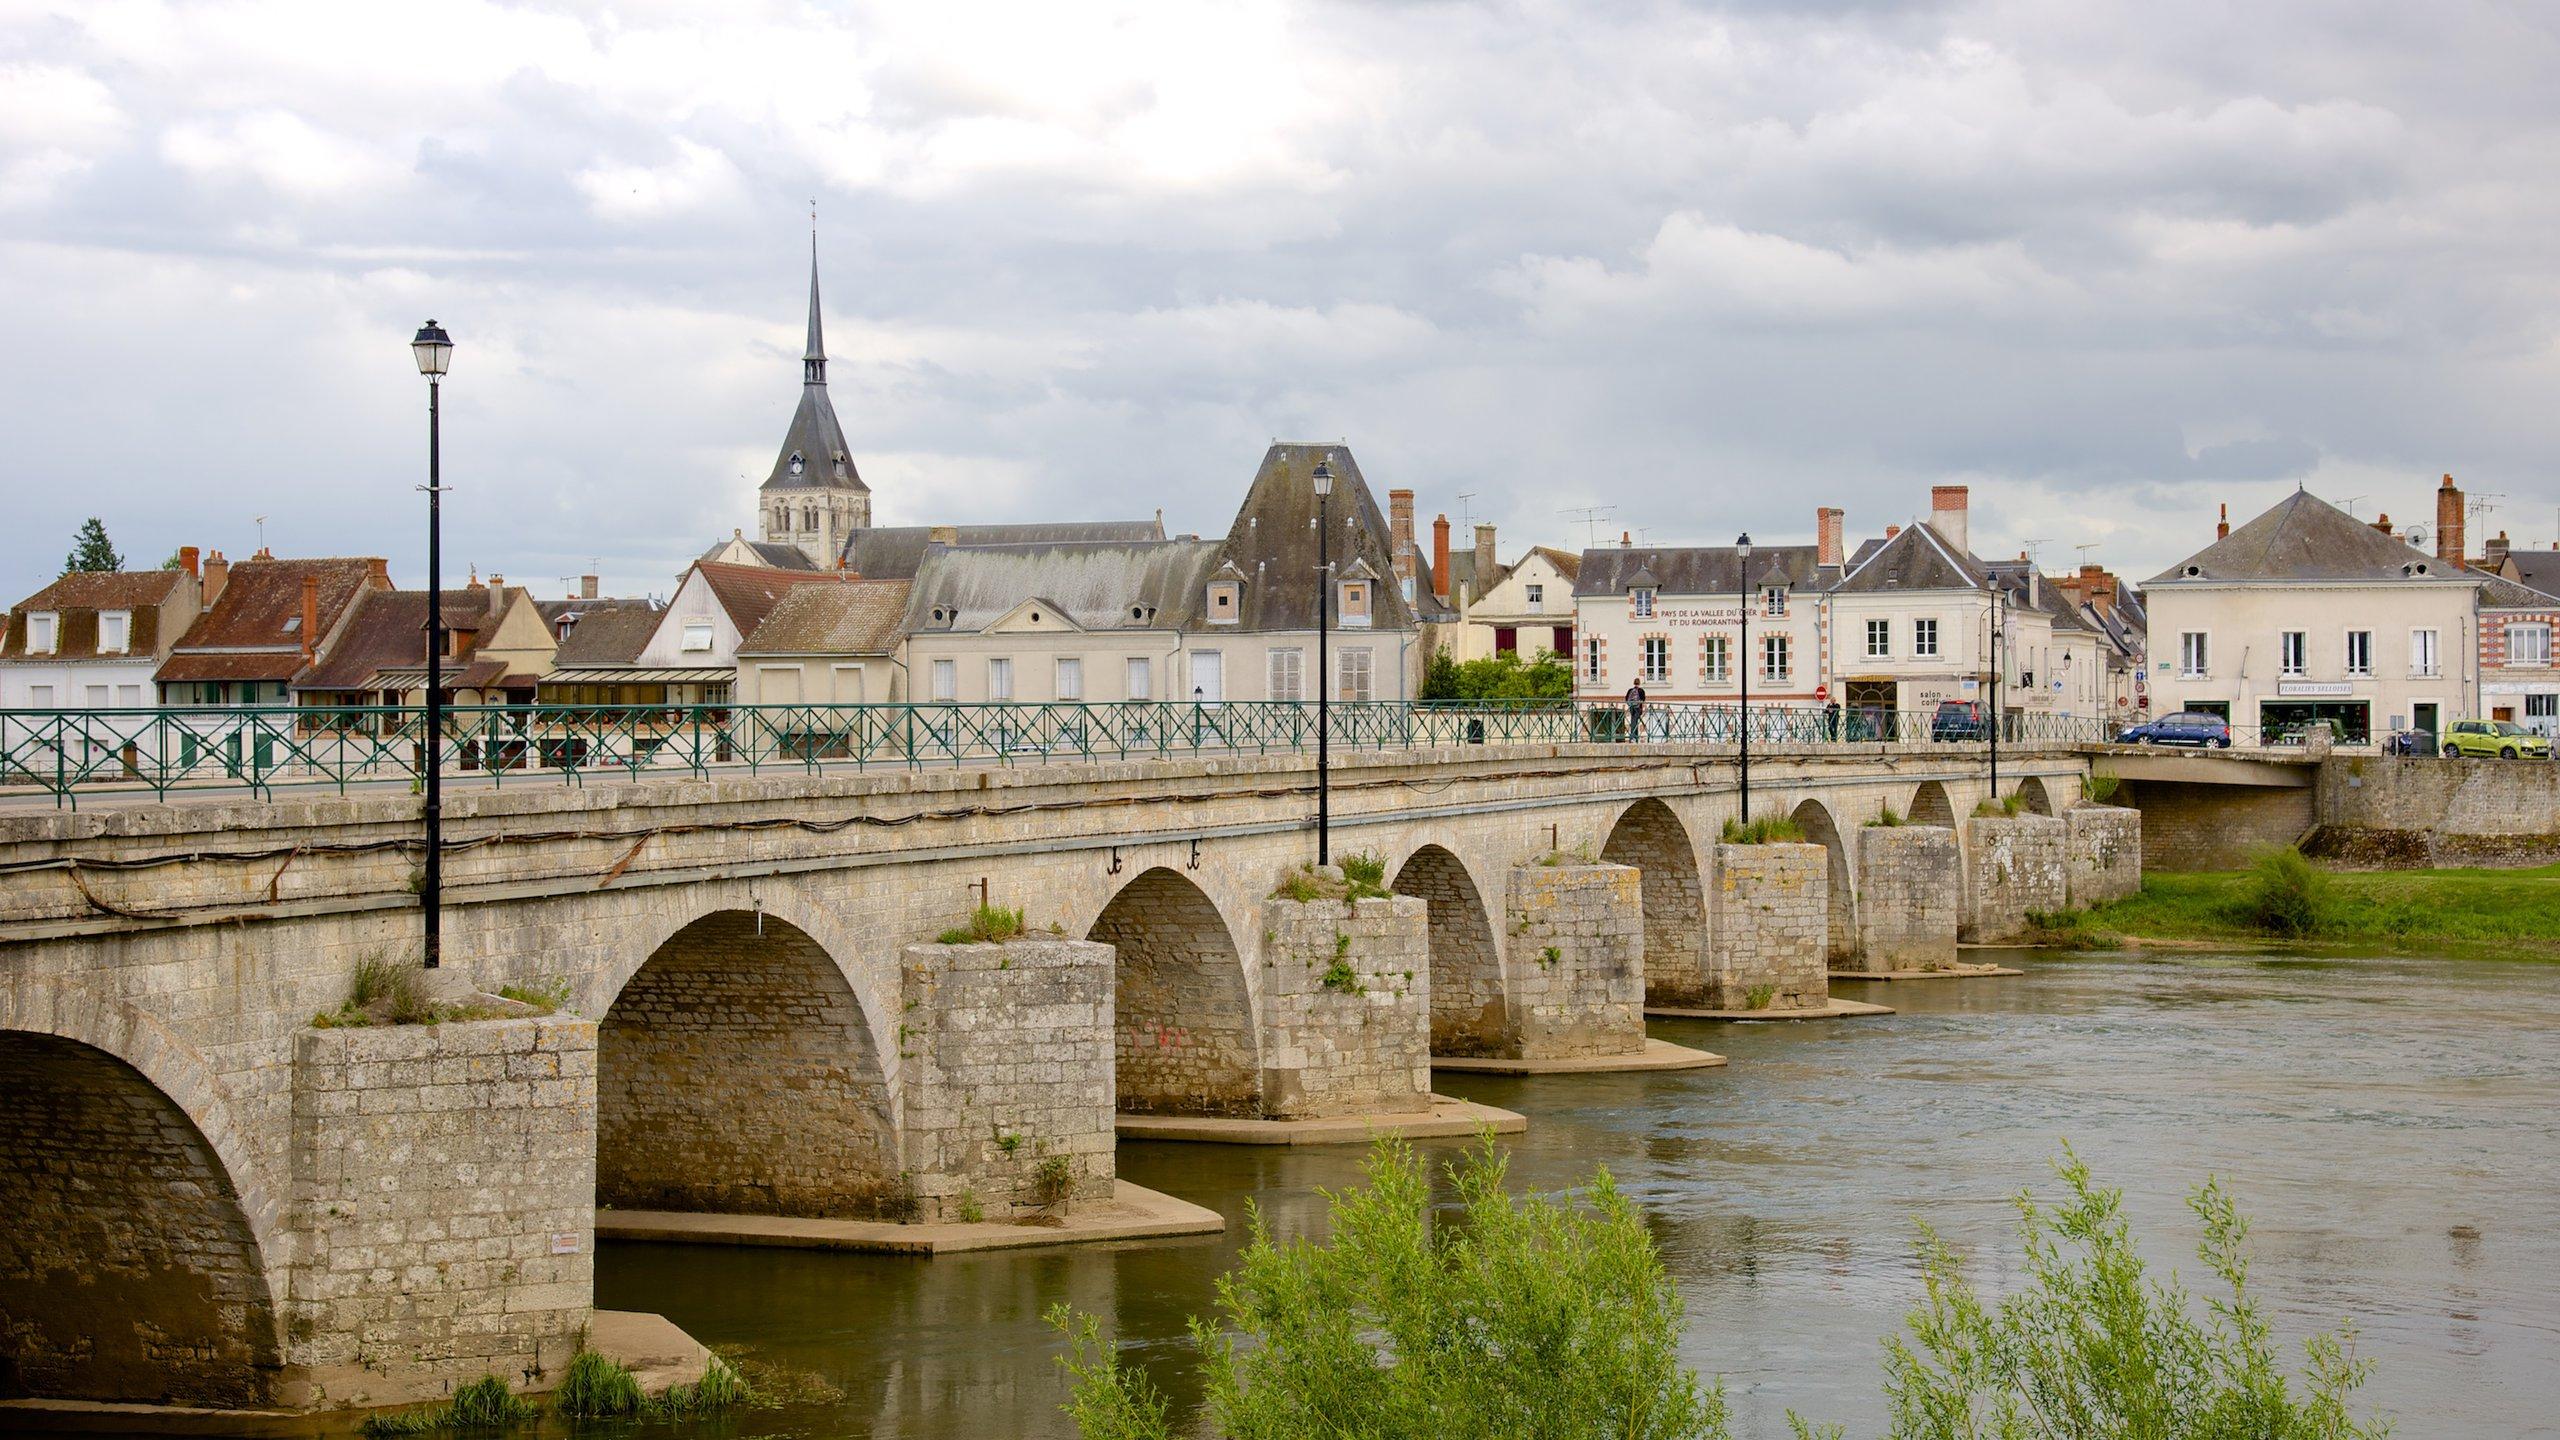 Selles-sur-Cher, Loir-et-Cher (departement), Frankrijk